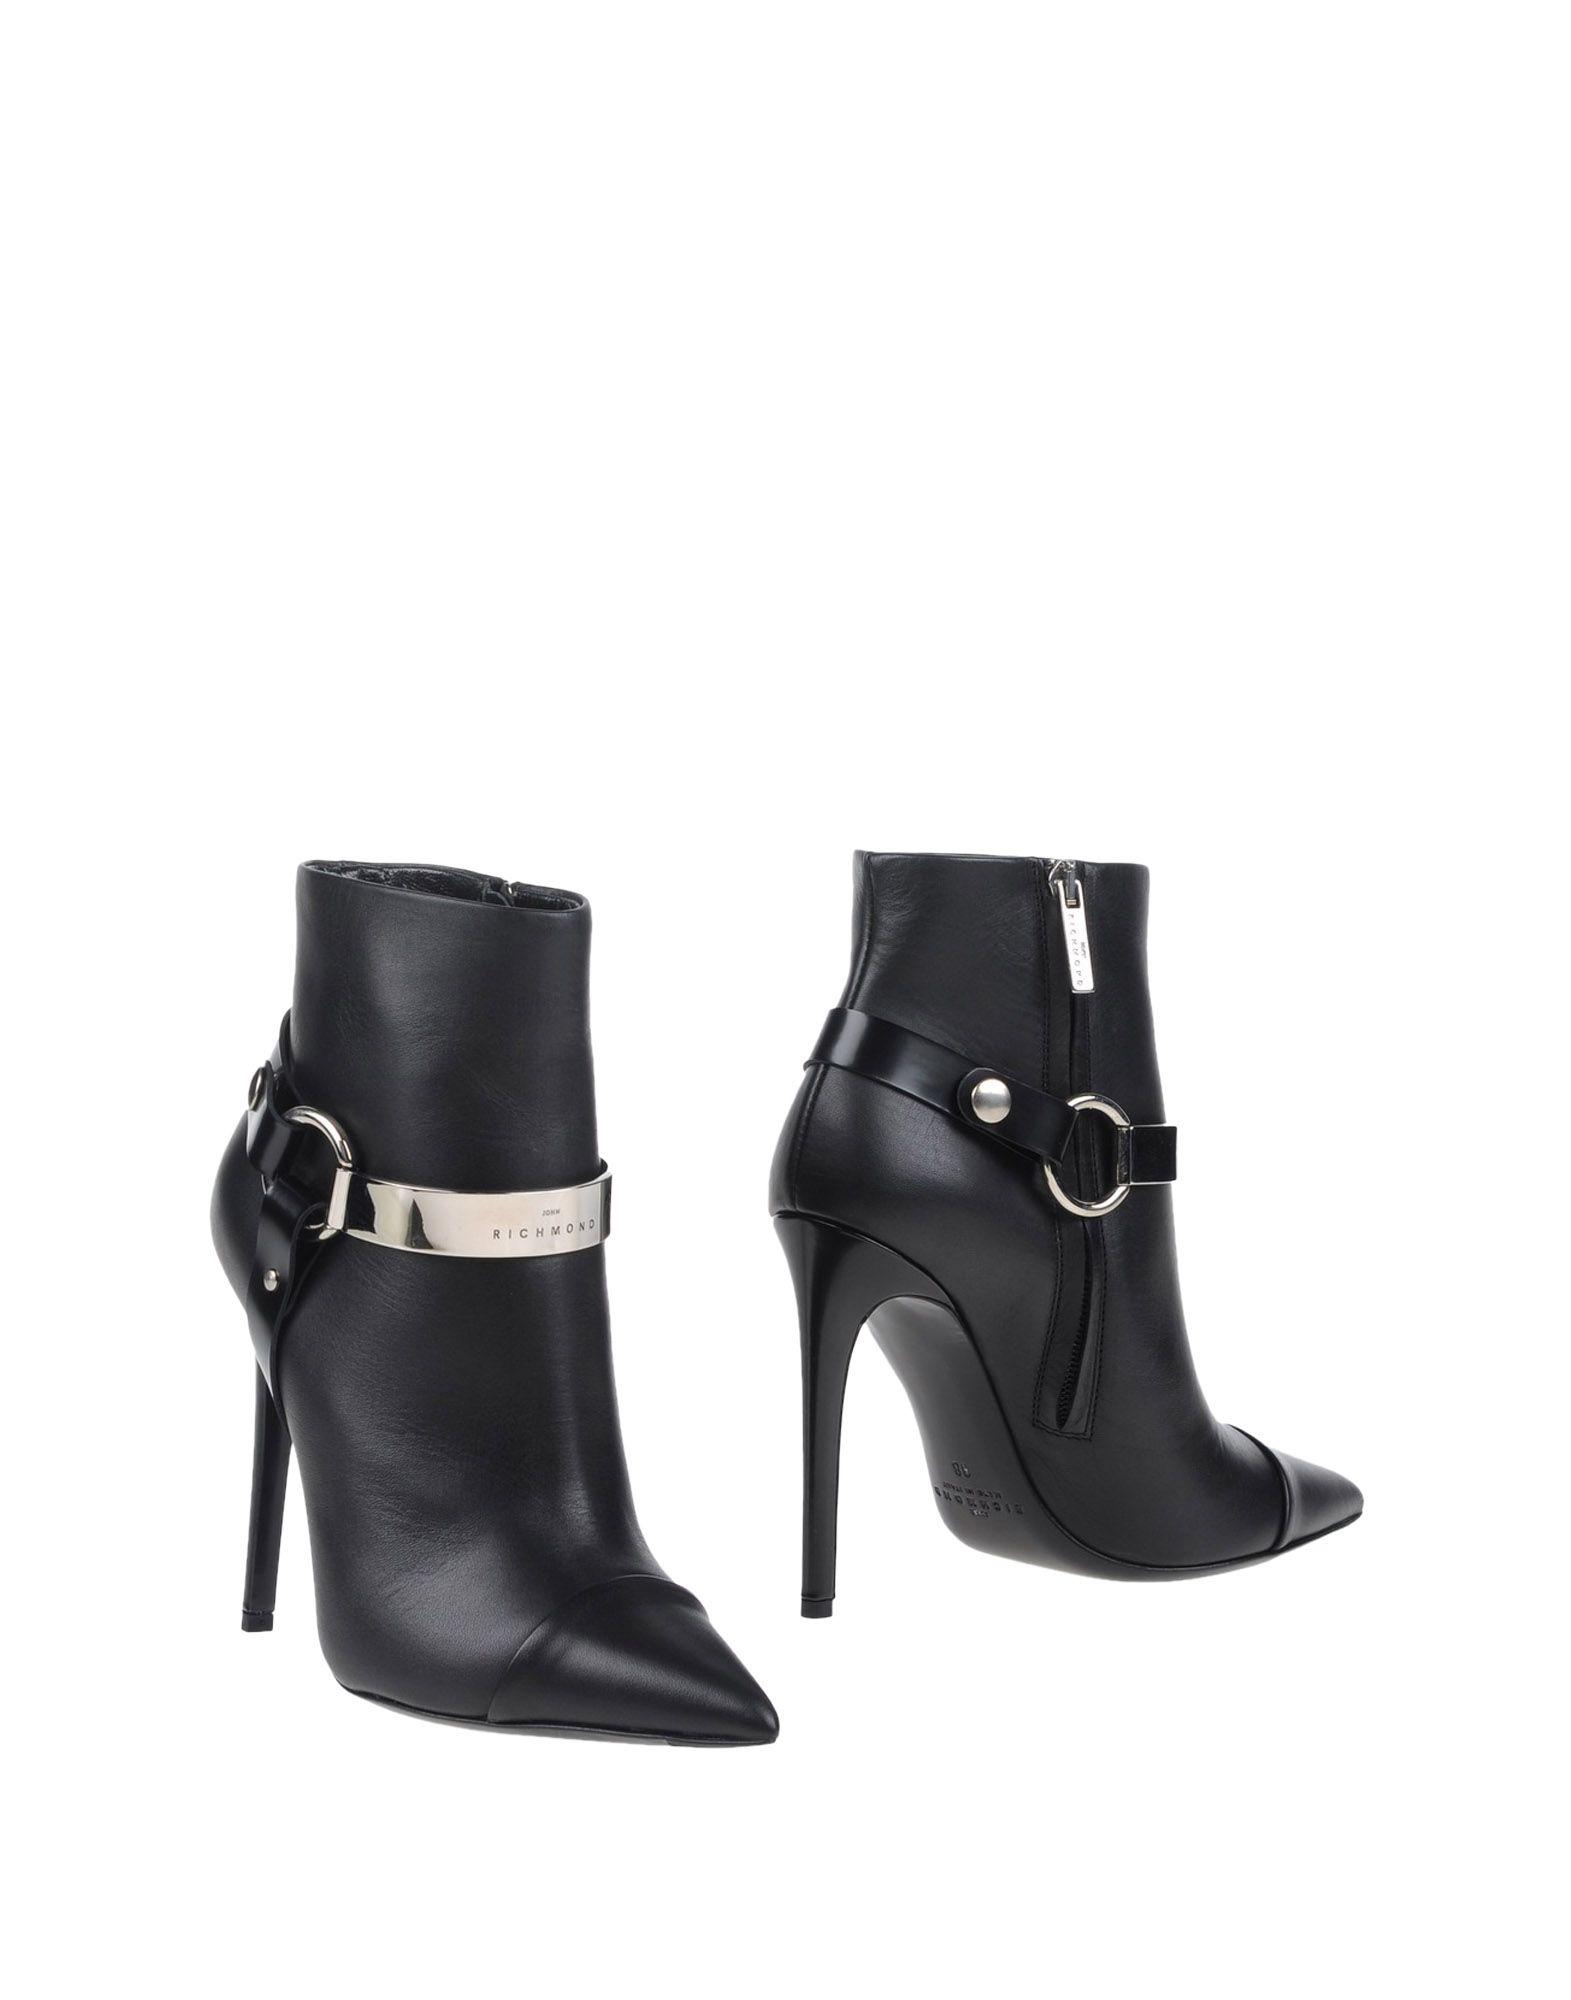 Rabatt Schuhe John Richmond Stiefelette Damen  11060820JO